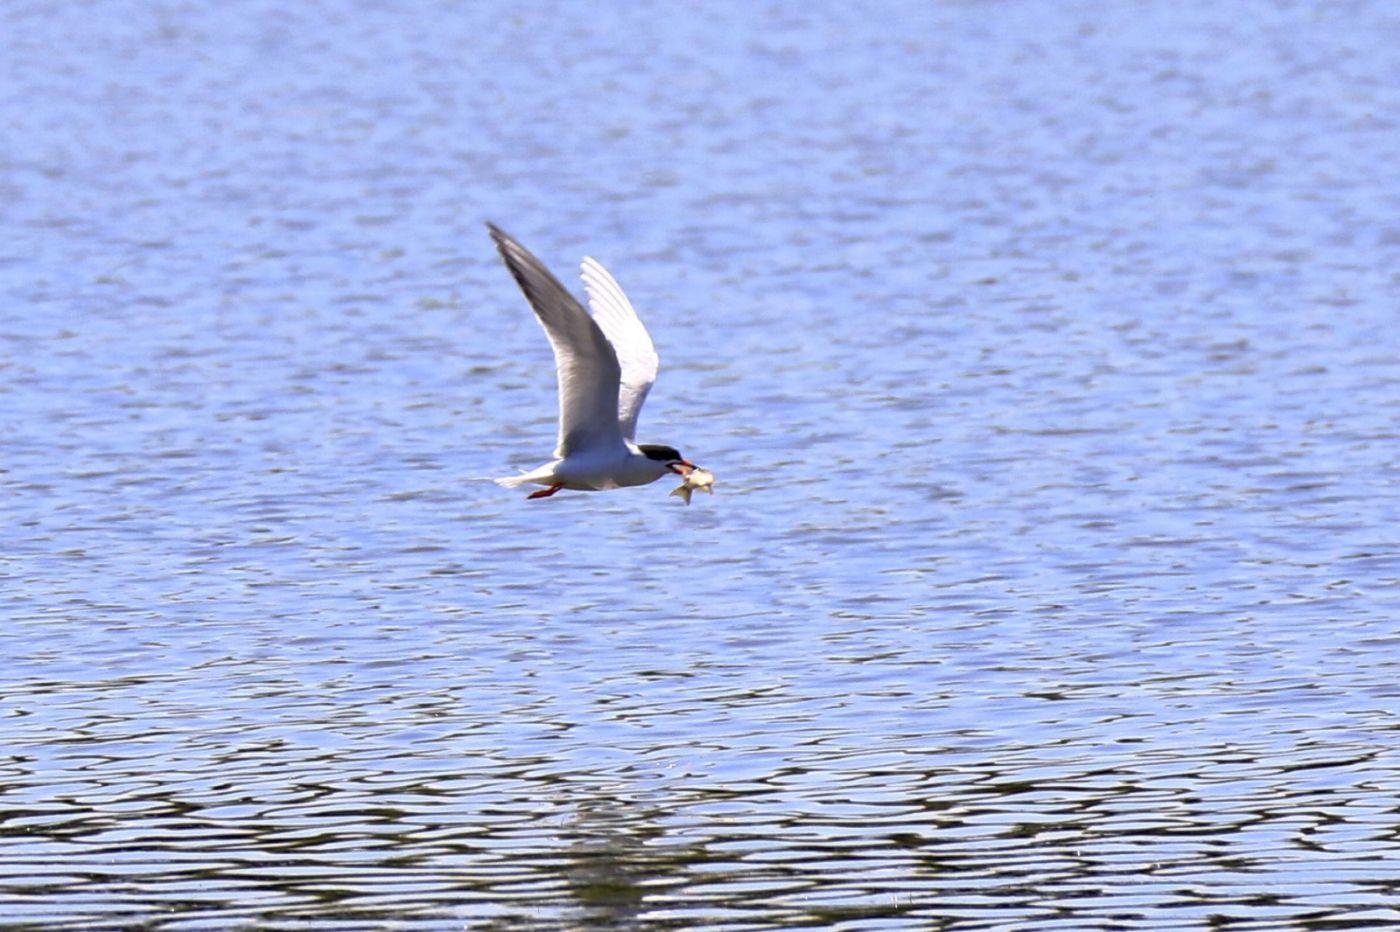 燕鸥捕鱼_图1-9